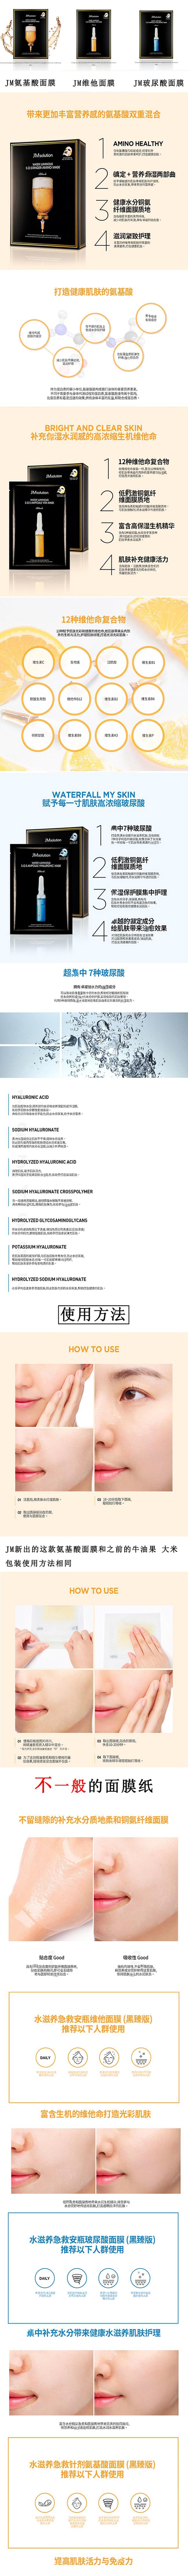 韩国JMsolution新款安瓶玻尿酸&维他命&氨基酸面膜10片装-1.jpg